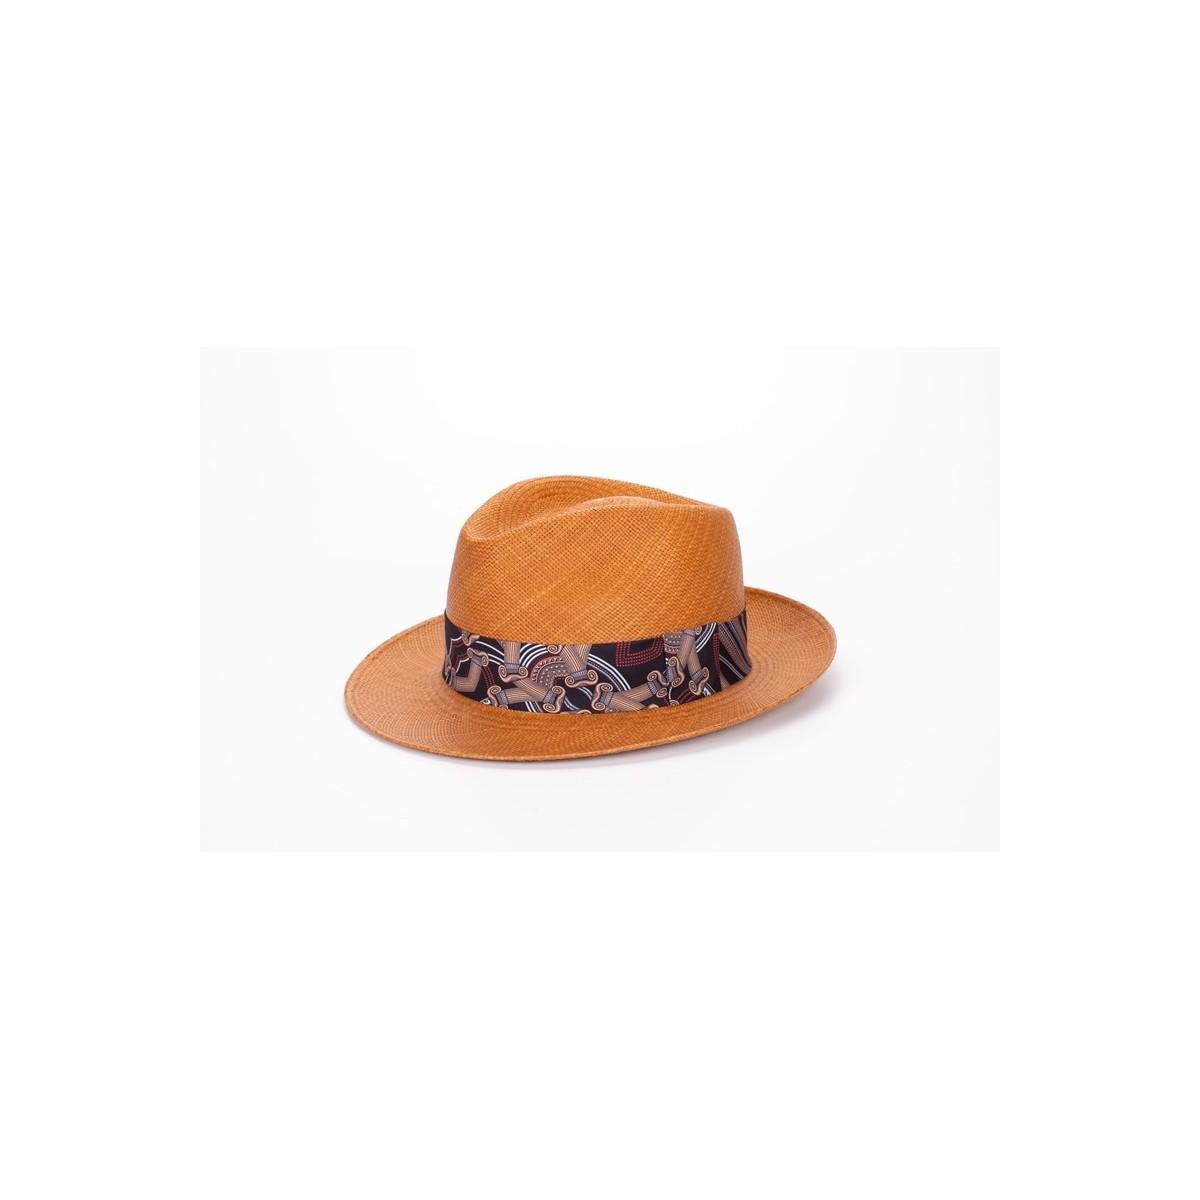 Frederic sombrero de hombre panamá estilo Fedora color naranja y cinta estampada. Fernández y ROCHE